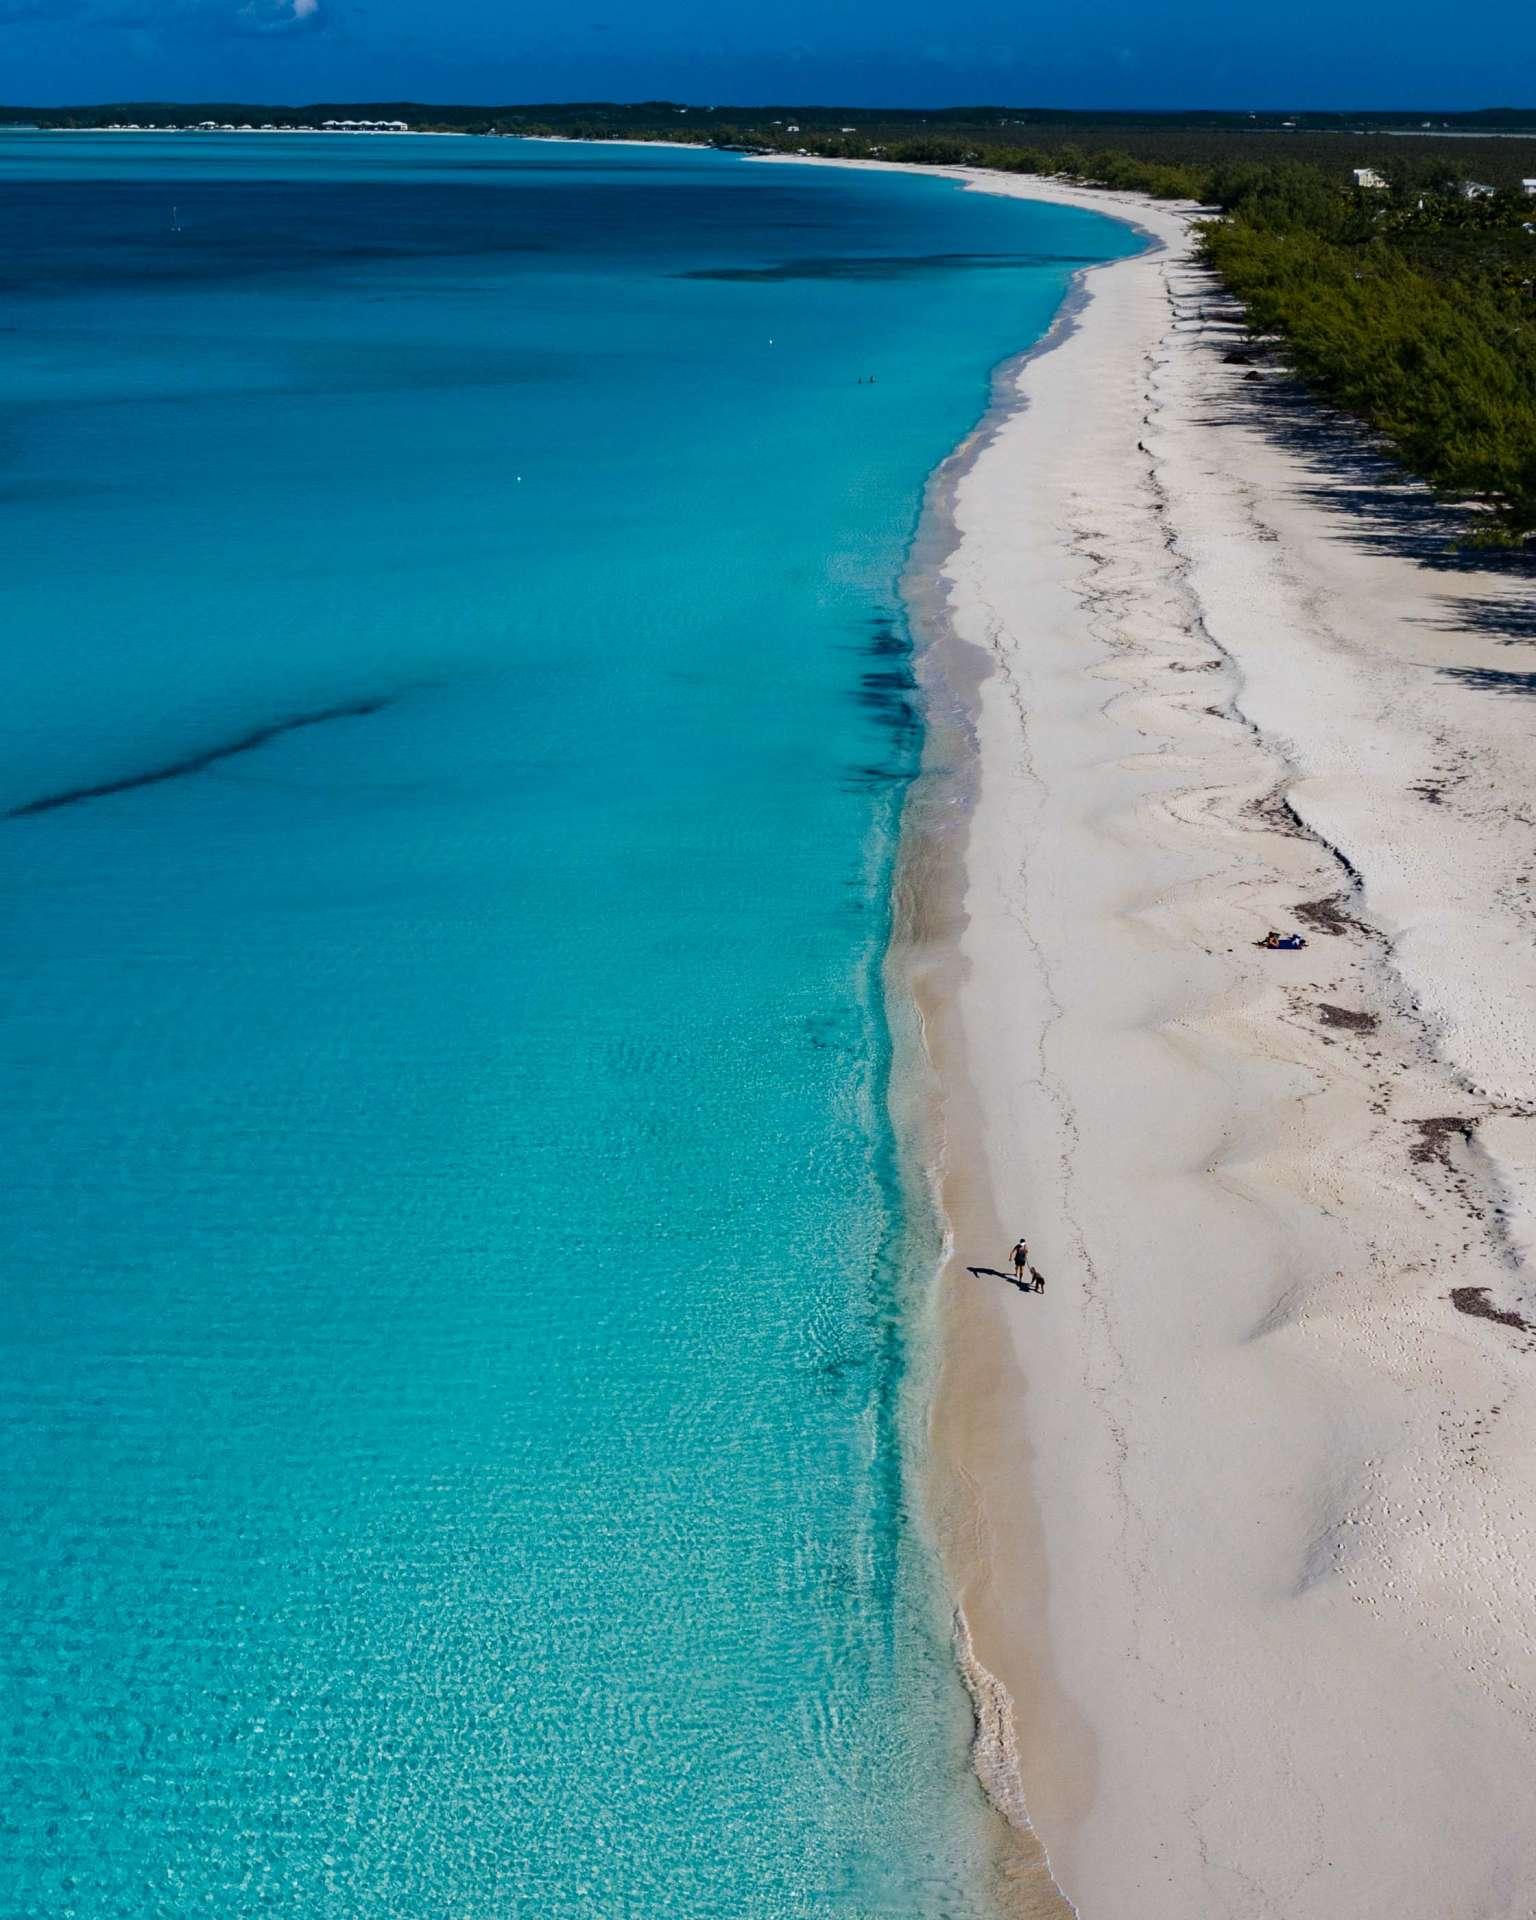 Long Island: wonders of Cape Santa Maria beach and Dean's ... on andros, bahamas, eleuthera bahamas, abaco bahamas, matthew town bahamas, san salvador bahamas, harbour island bahamas, ragged island, dean's blue hole, grand bahama, green turtle cay bahamas, paradise island, new providence, crooked island, hope town bahamas, inagua bahamas, grand cay bahamas, clarence town bahamas, freeport bahamas, rum cay bahamas, spanish wells bahamas, deadman's cay bahamas, cat island, berry islands, exuma bahamas, cat island bahamas, the bahamas, andros bahamas, ragged island bahamas, nassau bahamas, rum cay, half moon cay bahamas,